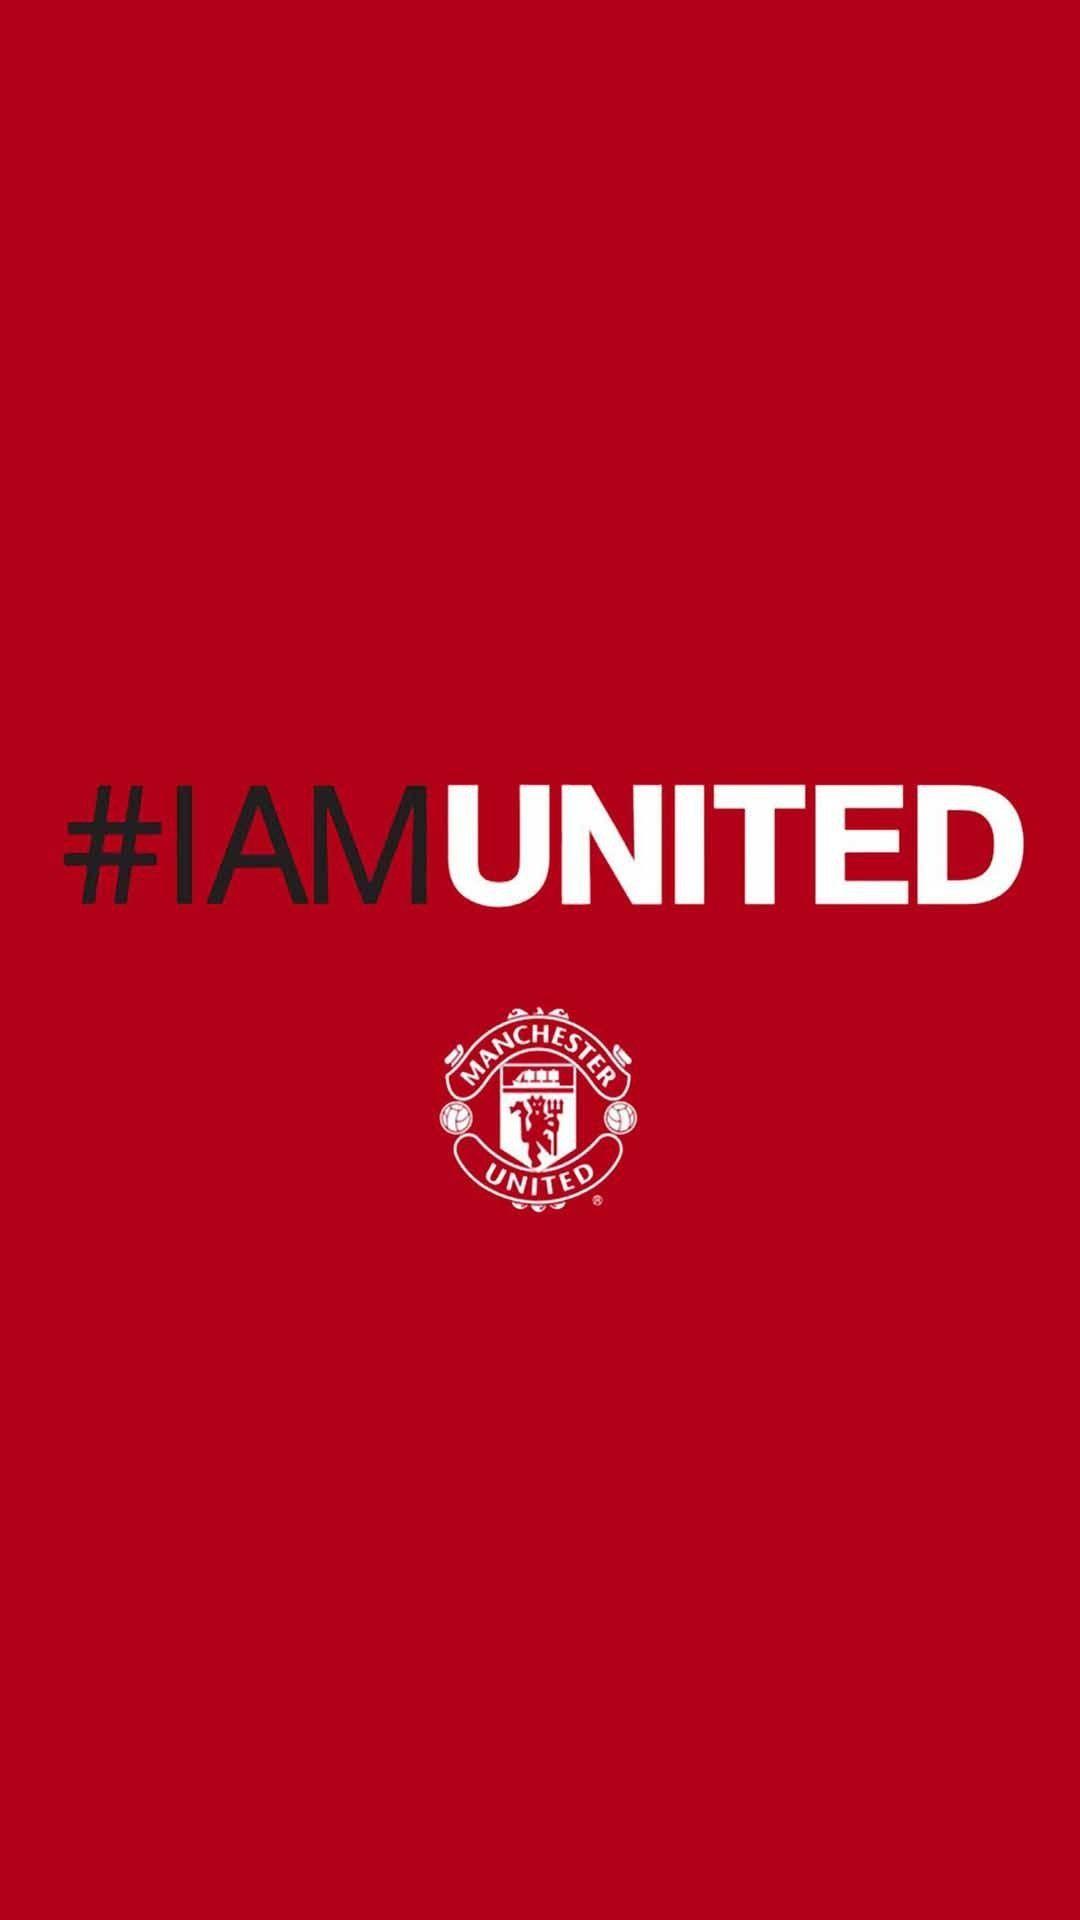 Man Utd Wallpaper Manchester United Logo Manchester United Fans Manchester United Wallpaper